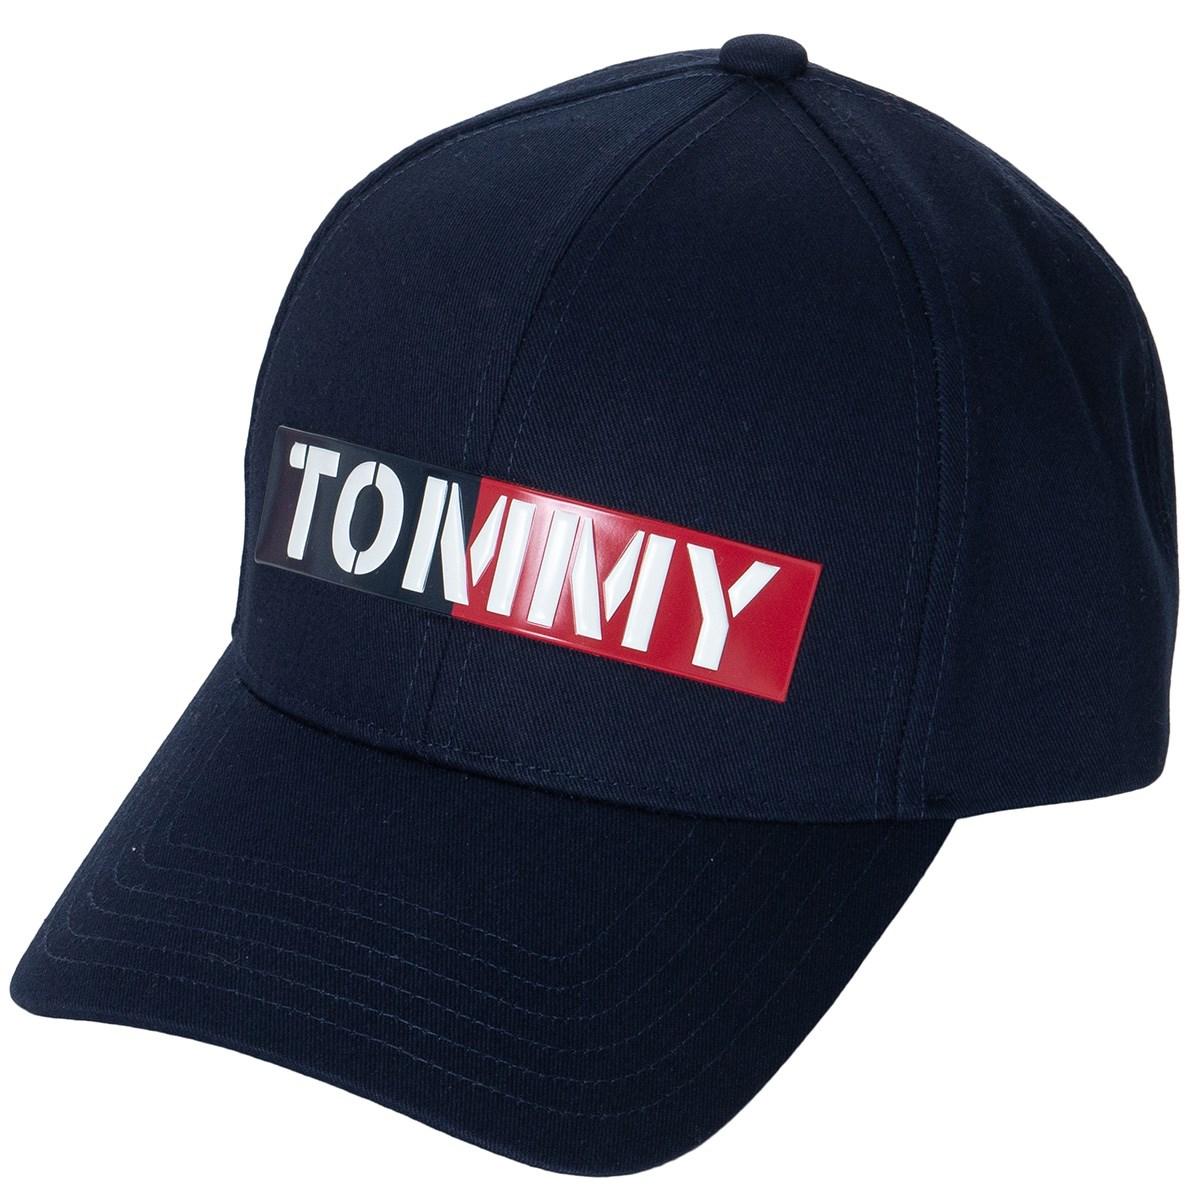 トミーヒルフィガー(Tommy Hilfiger) SOLID キャップ